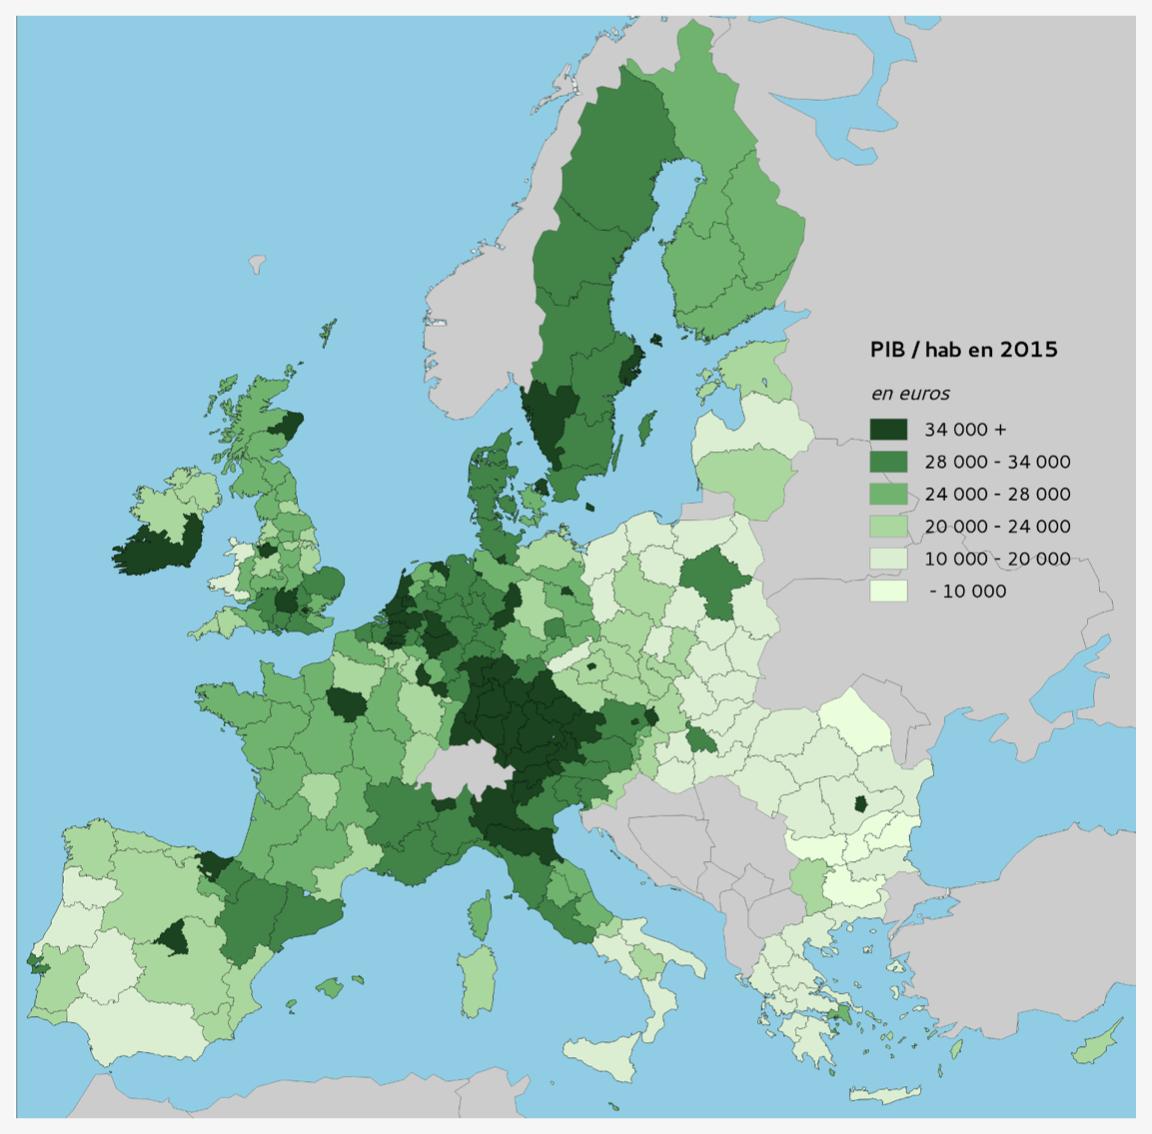 carte des inégalités régionales en termes de PIB/hab. dans l'UE en 2015